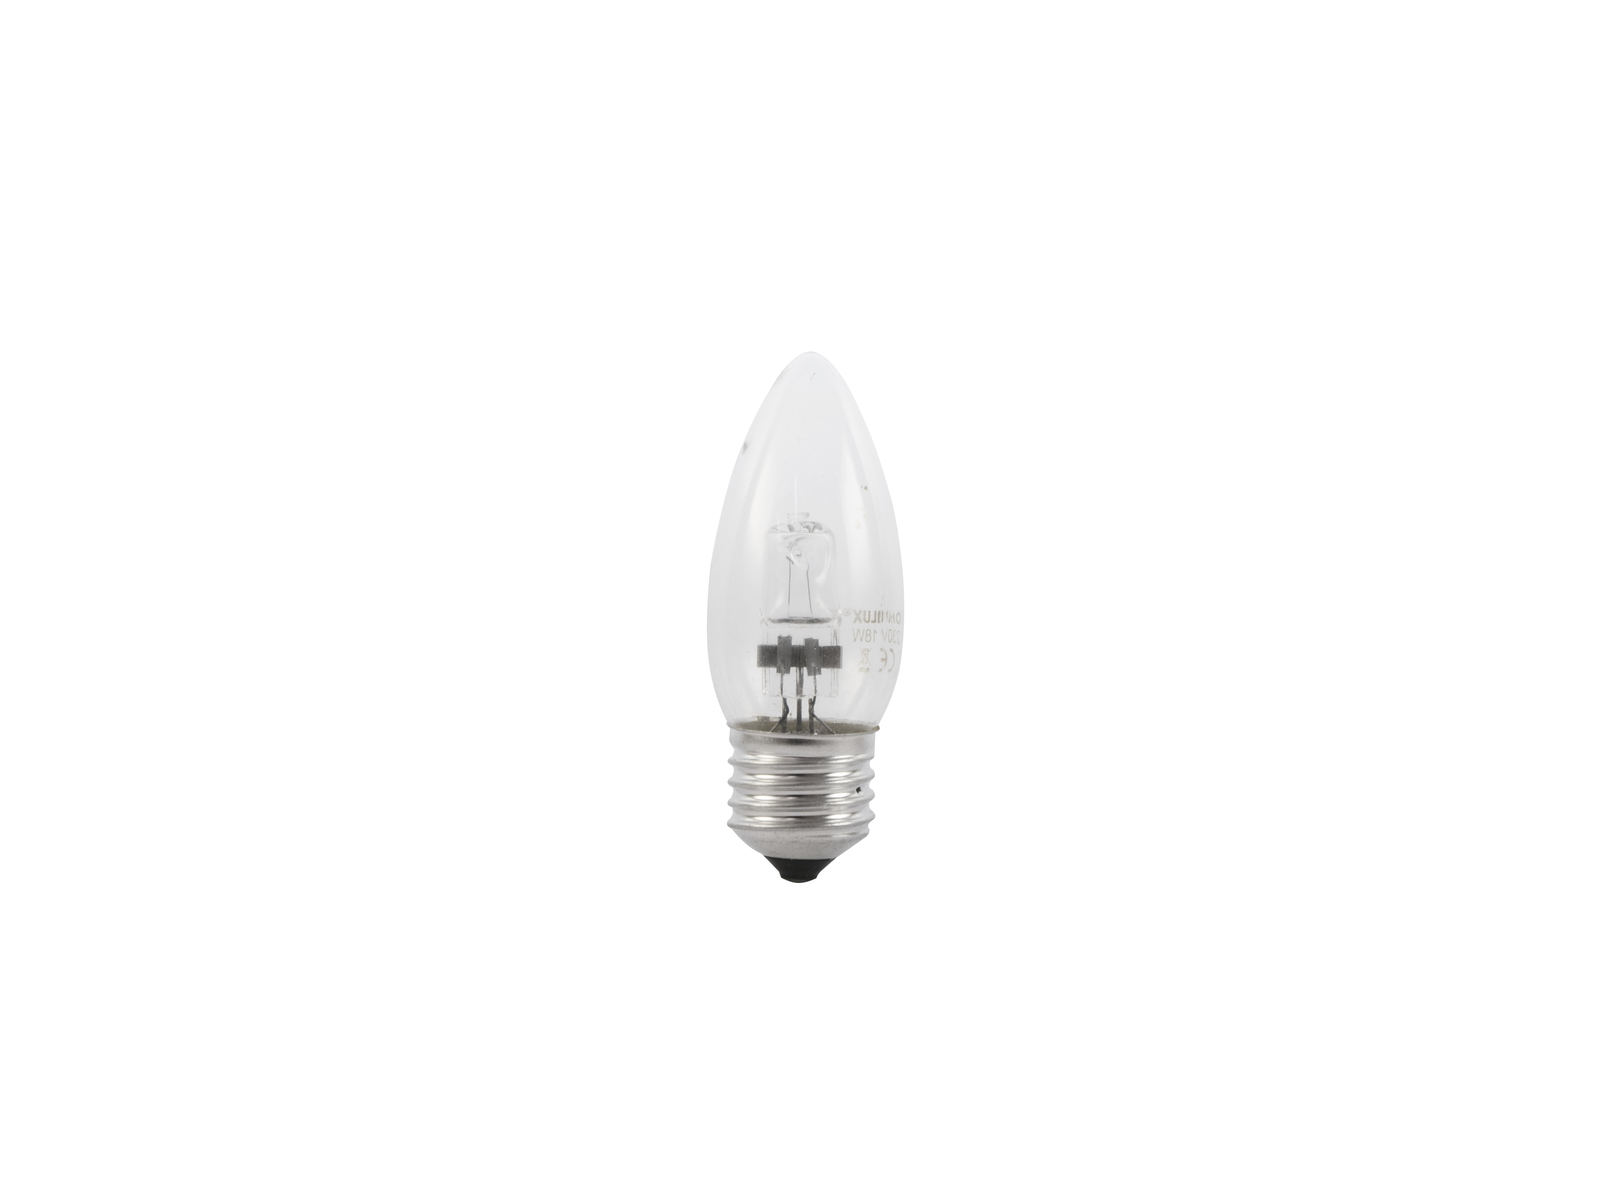 OMNILUX 230V/18W E-27 Kerzenlampe clear H